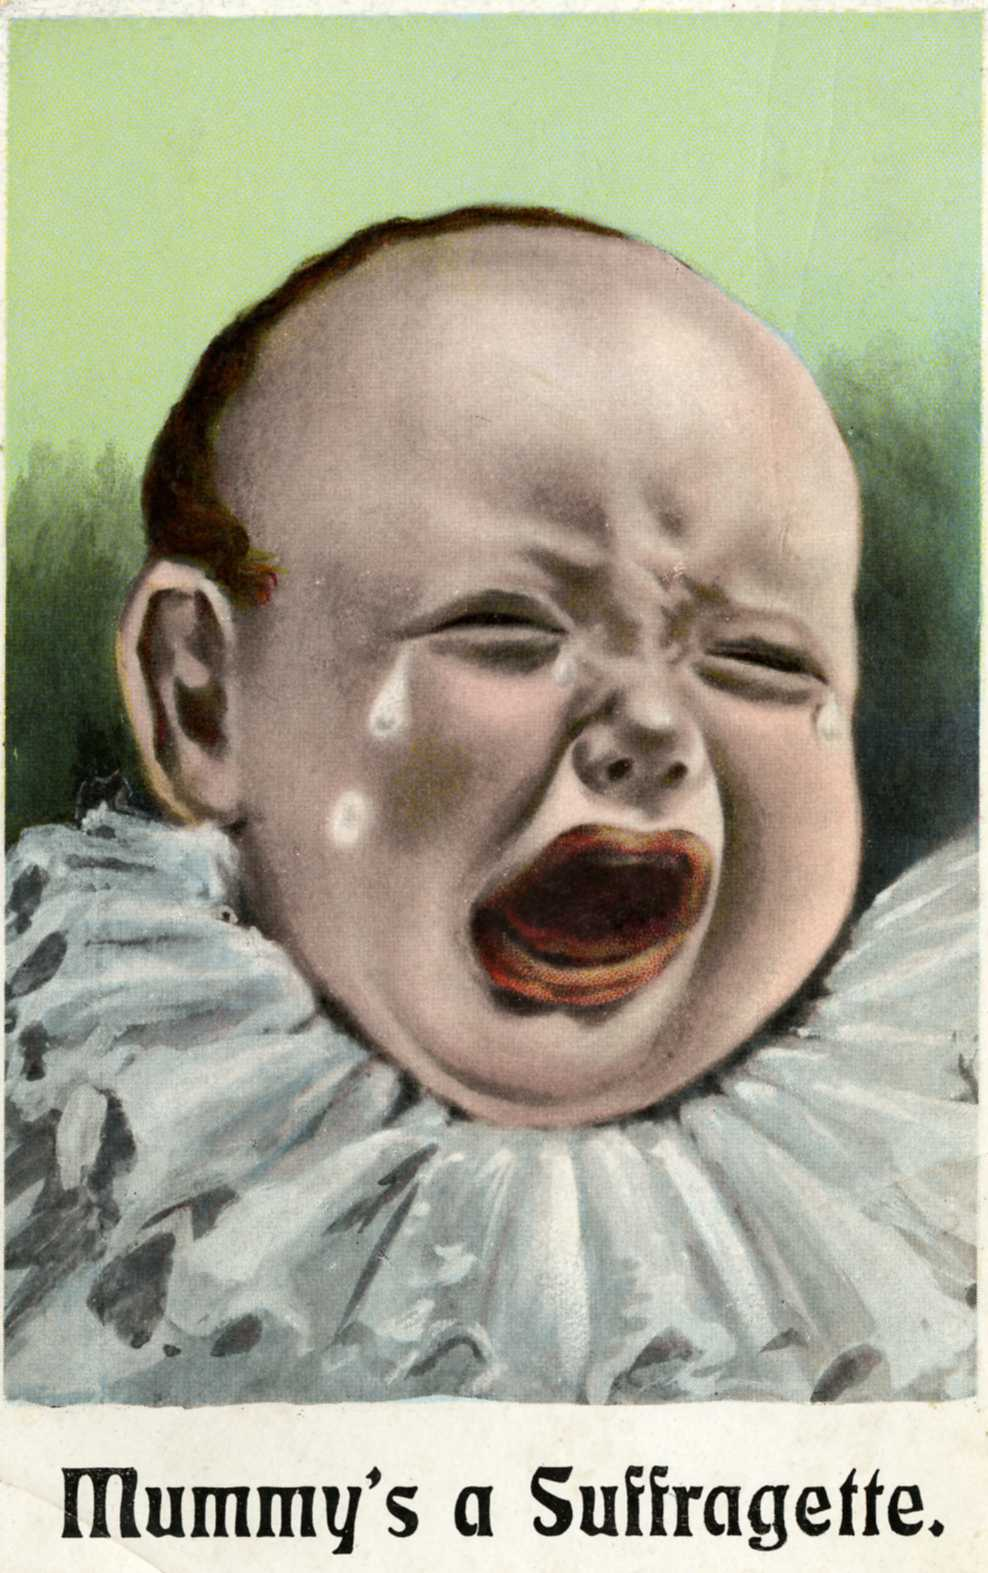 Mummy's a Suffragette